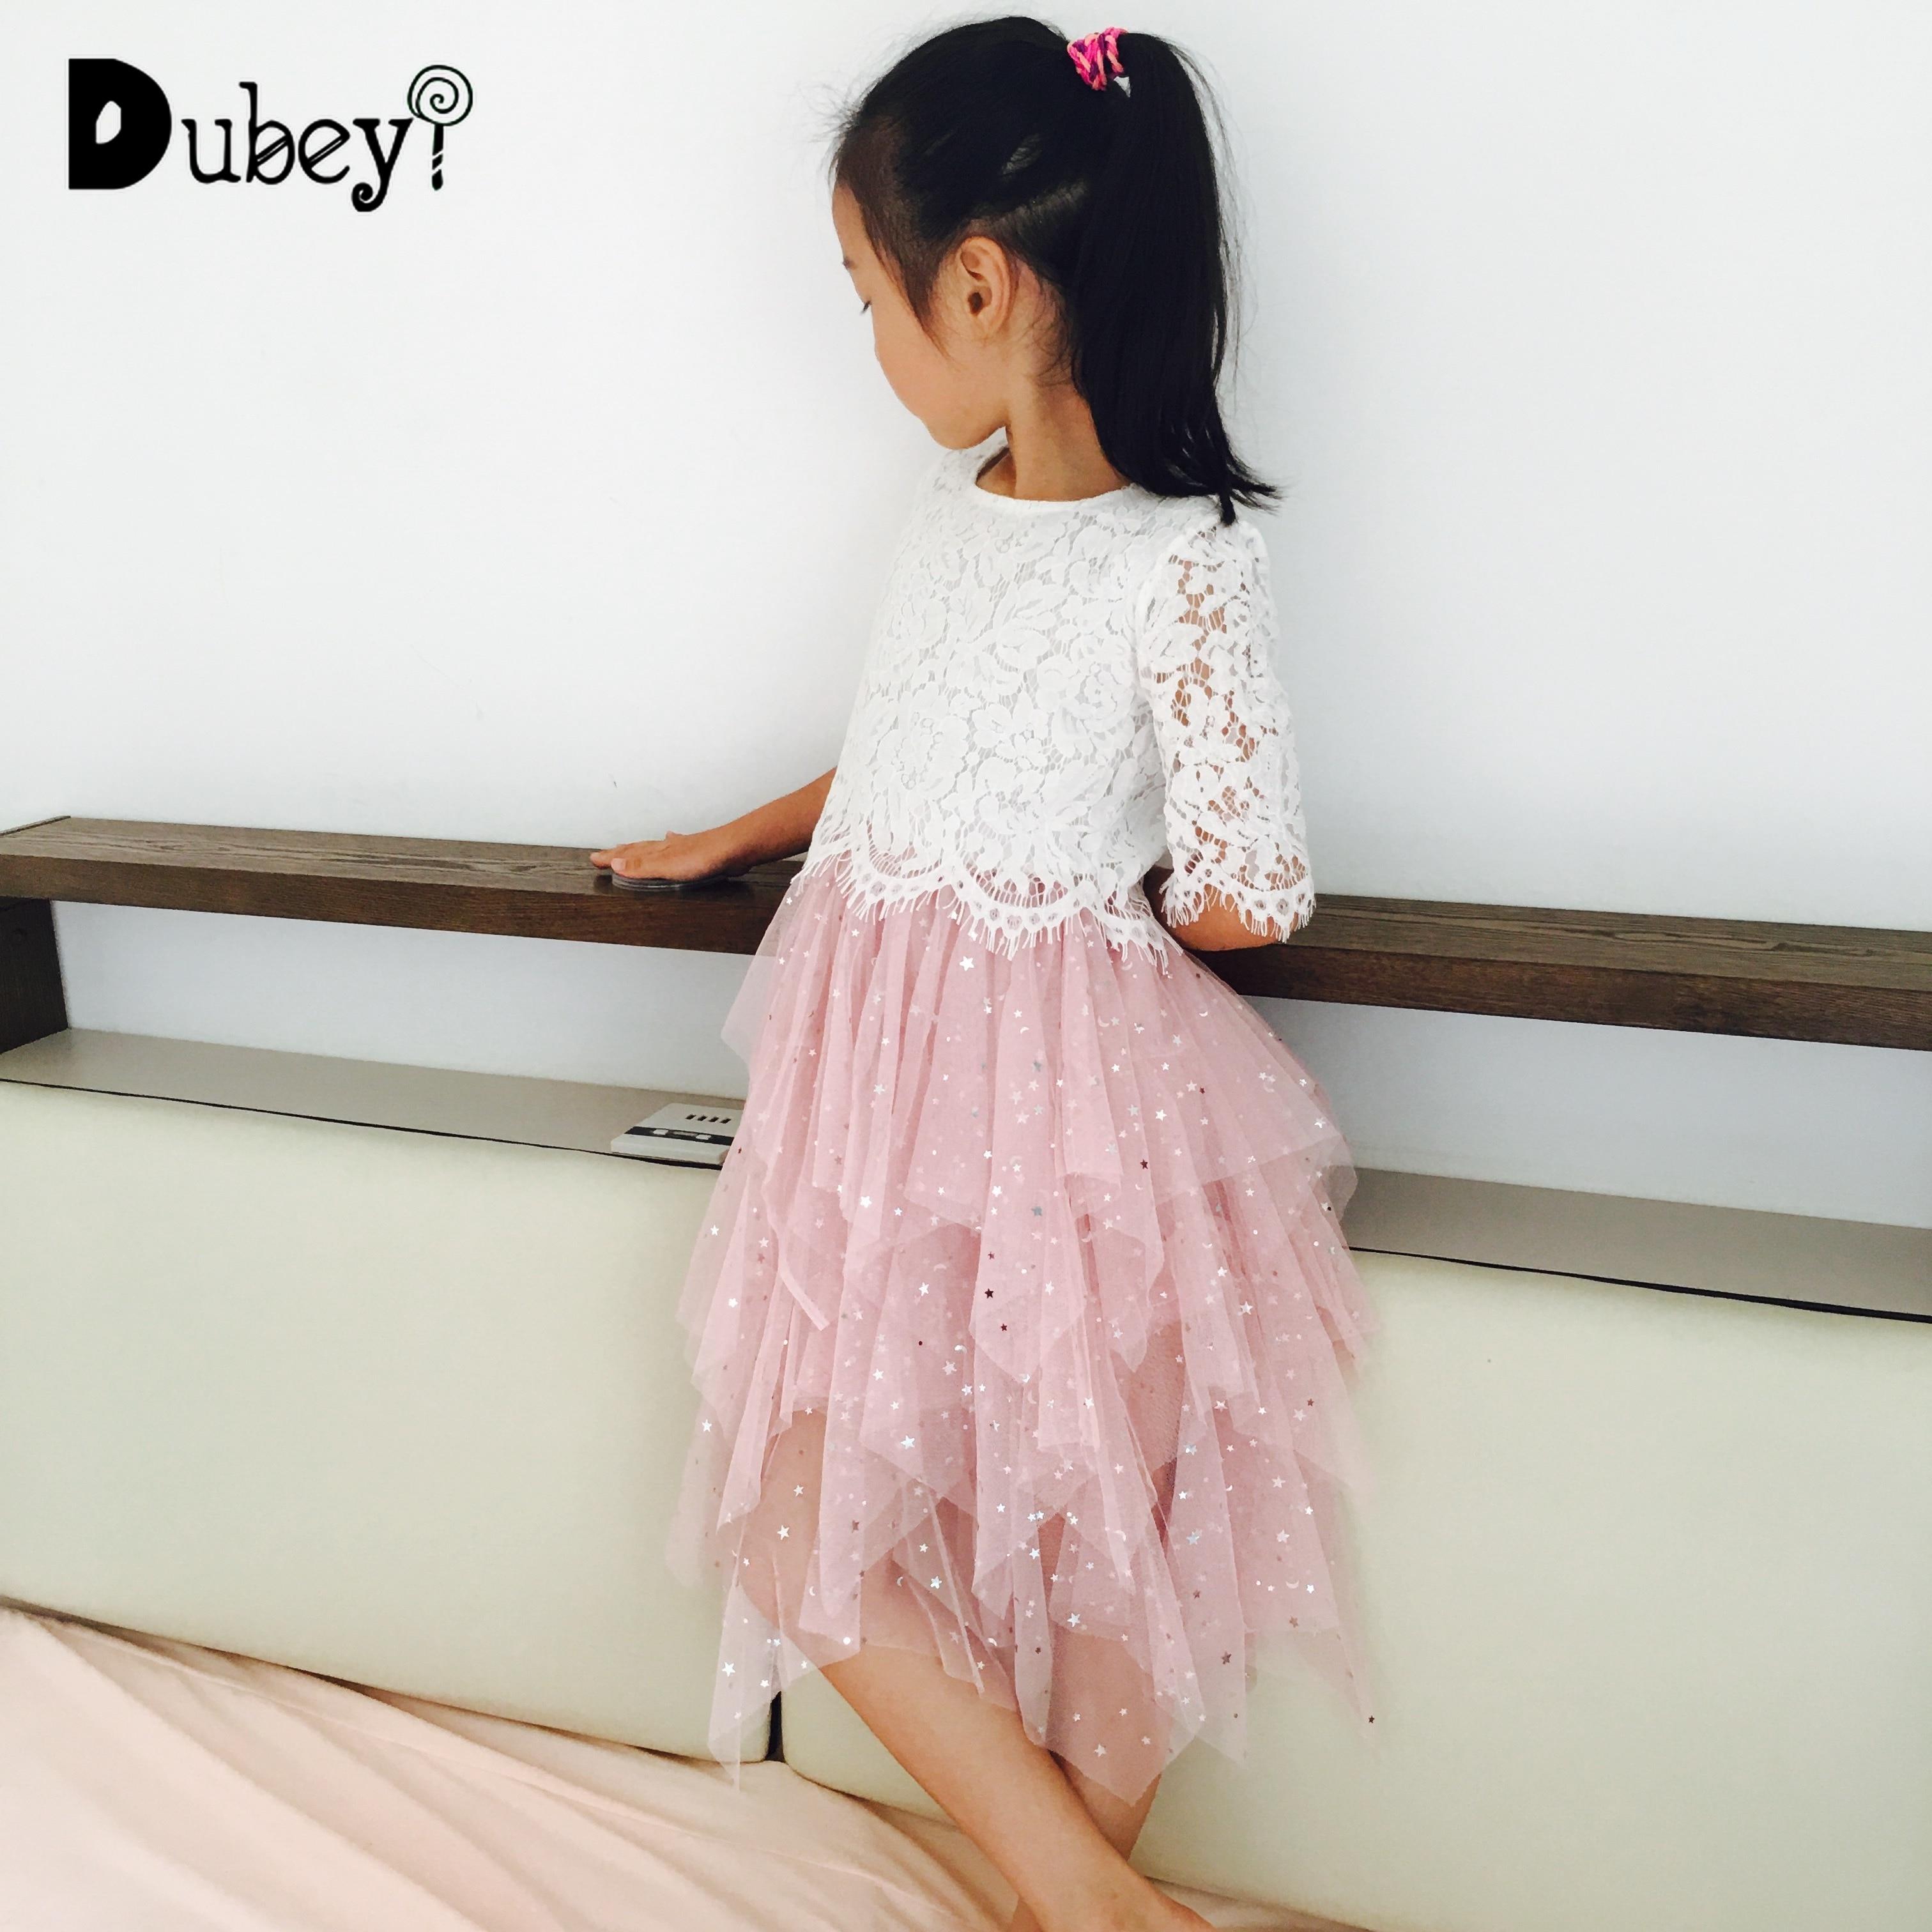 Fille Boutique tenues enfants dentelle haut + volants Tutu jupe mode vêtements ensemble adolescents filles vêtements 10 12 ans princesse fête